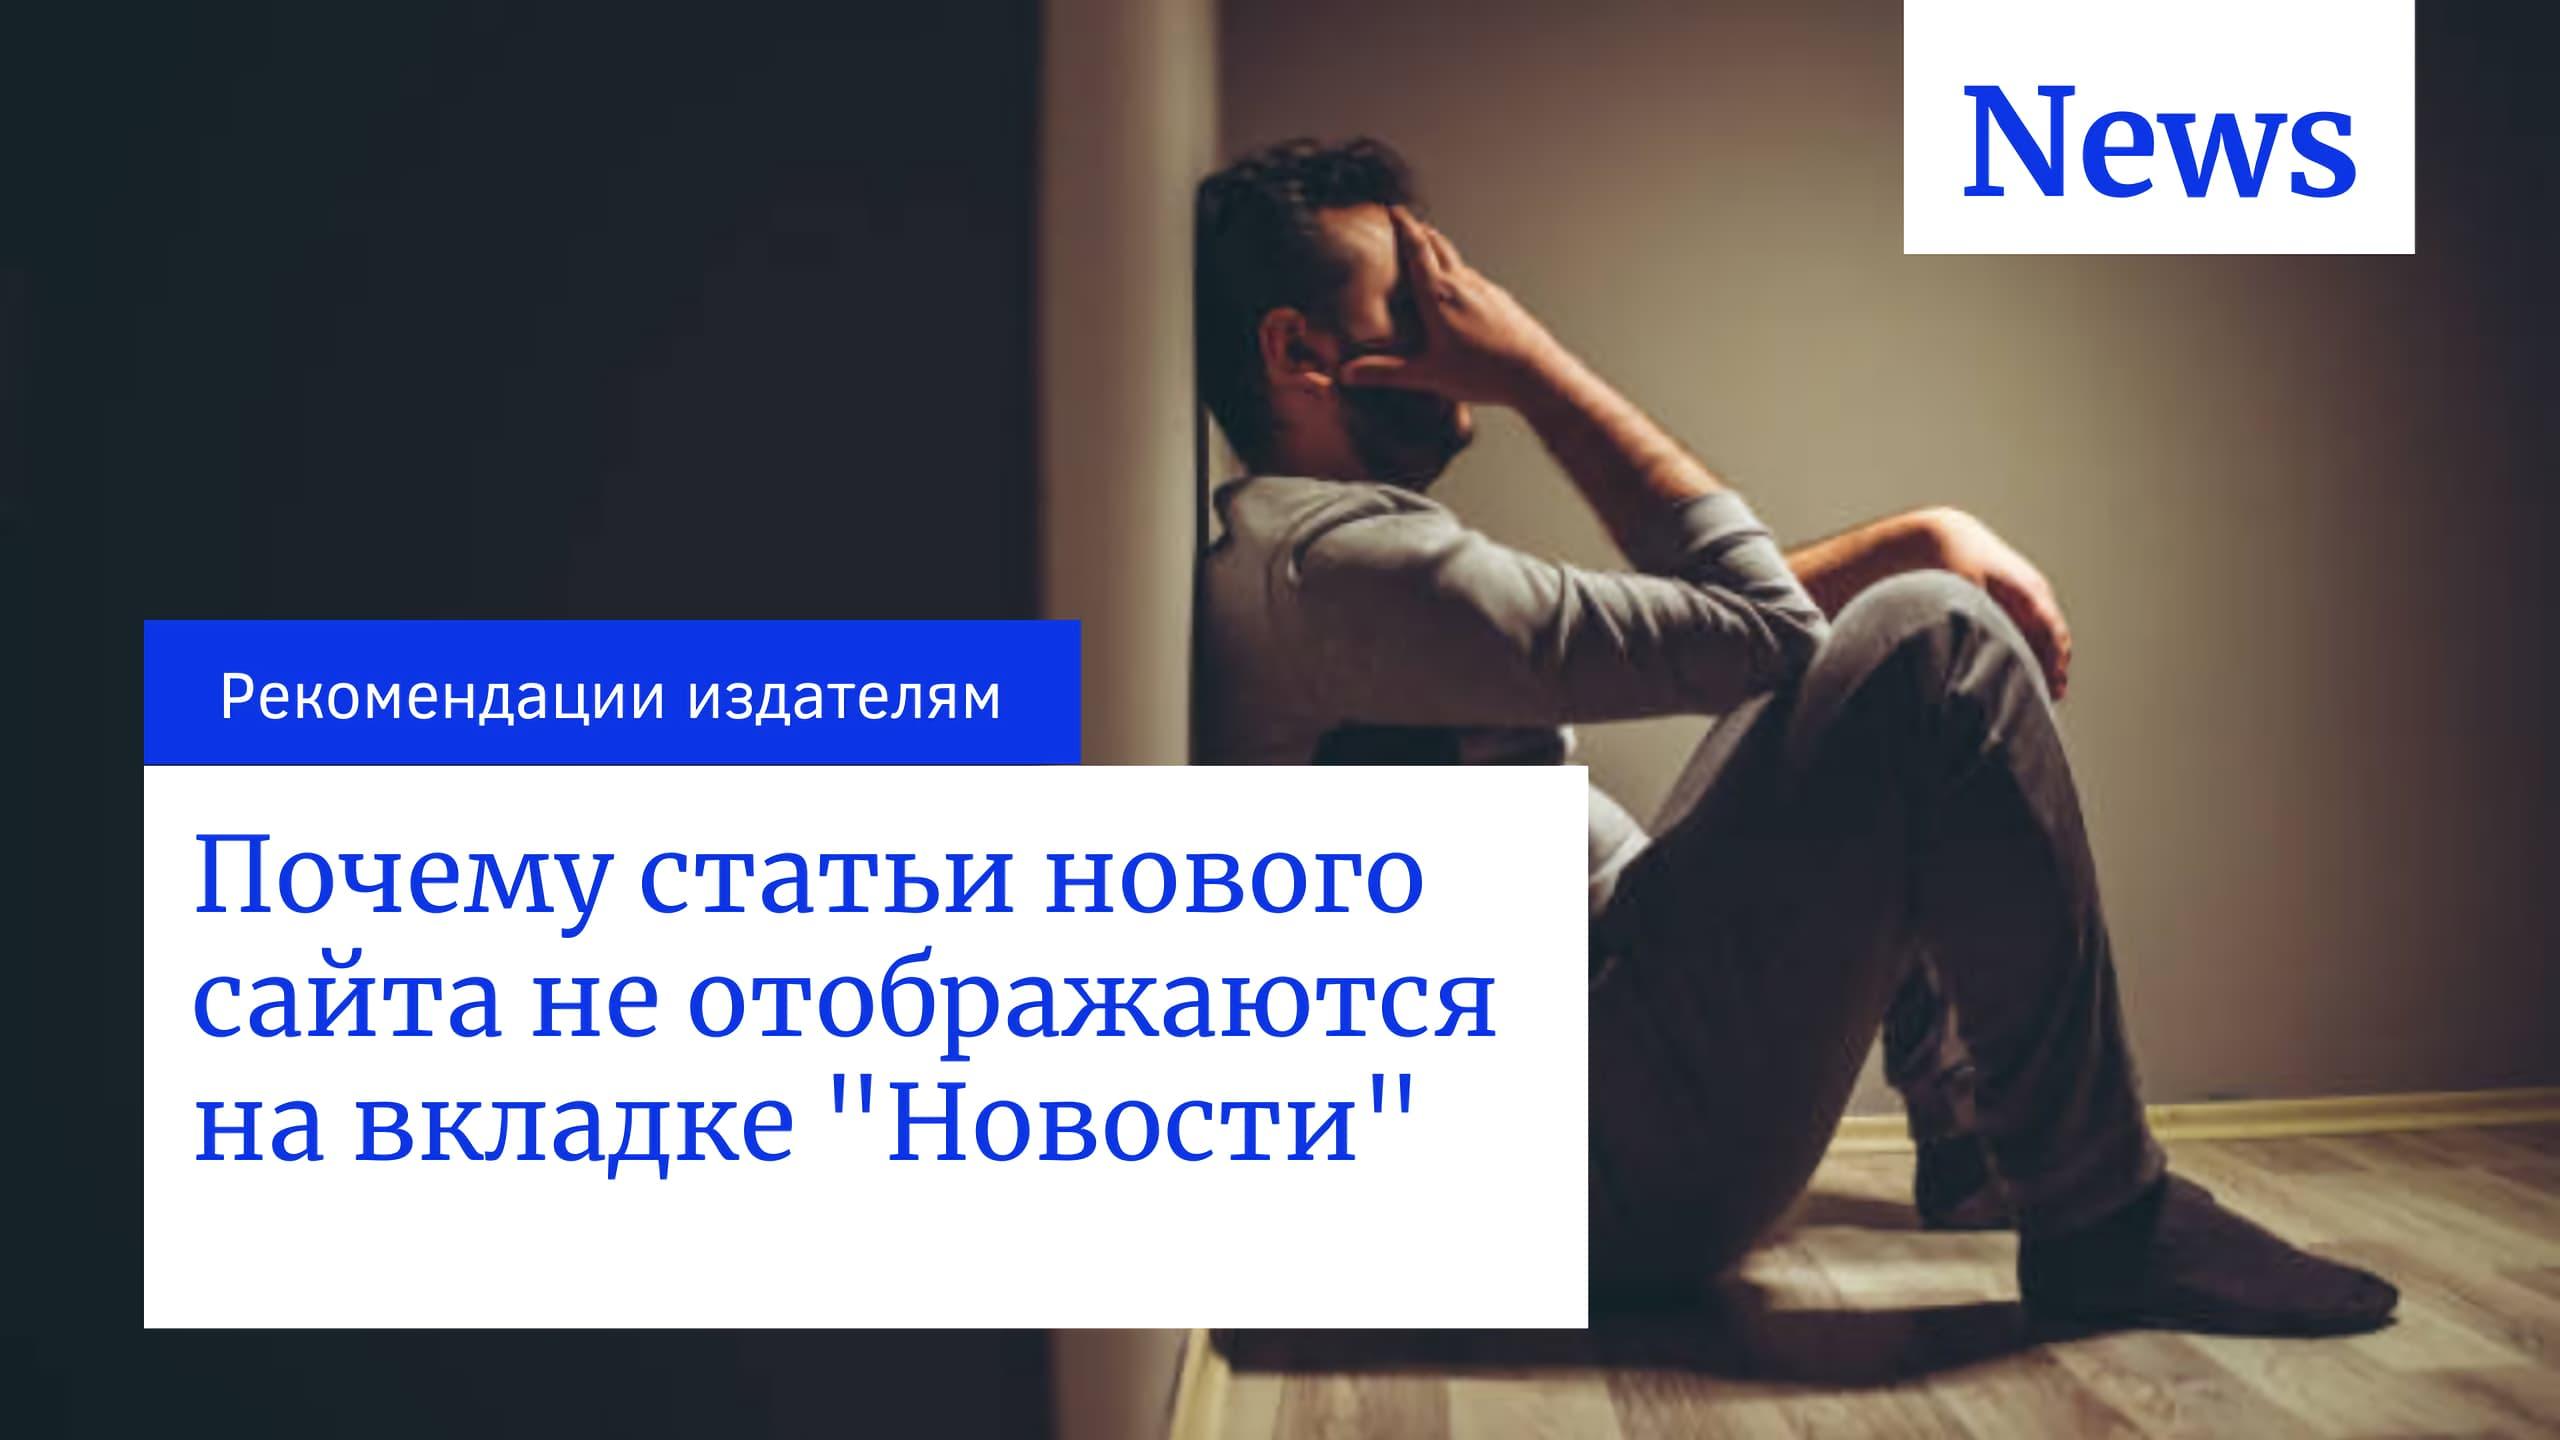 Почему статьи нового сайта не отображаются на вкладке Новости